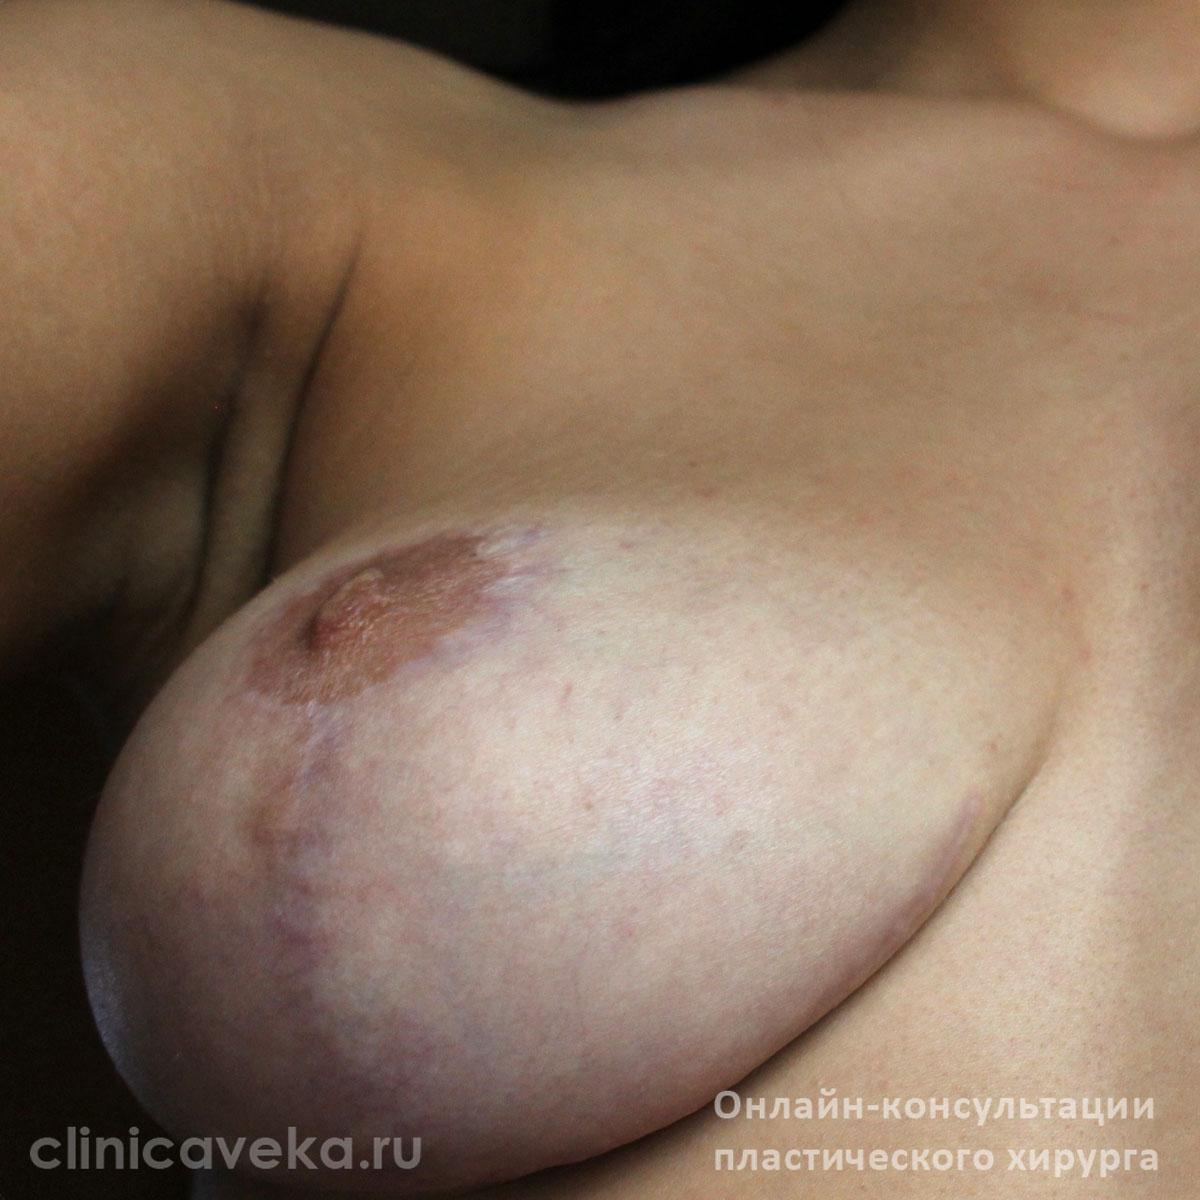 Крема для увеличения груди купить в аптека